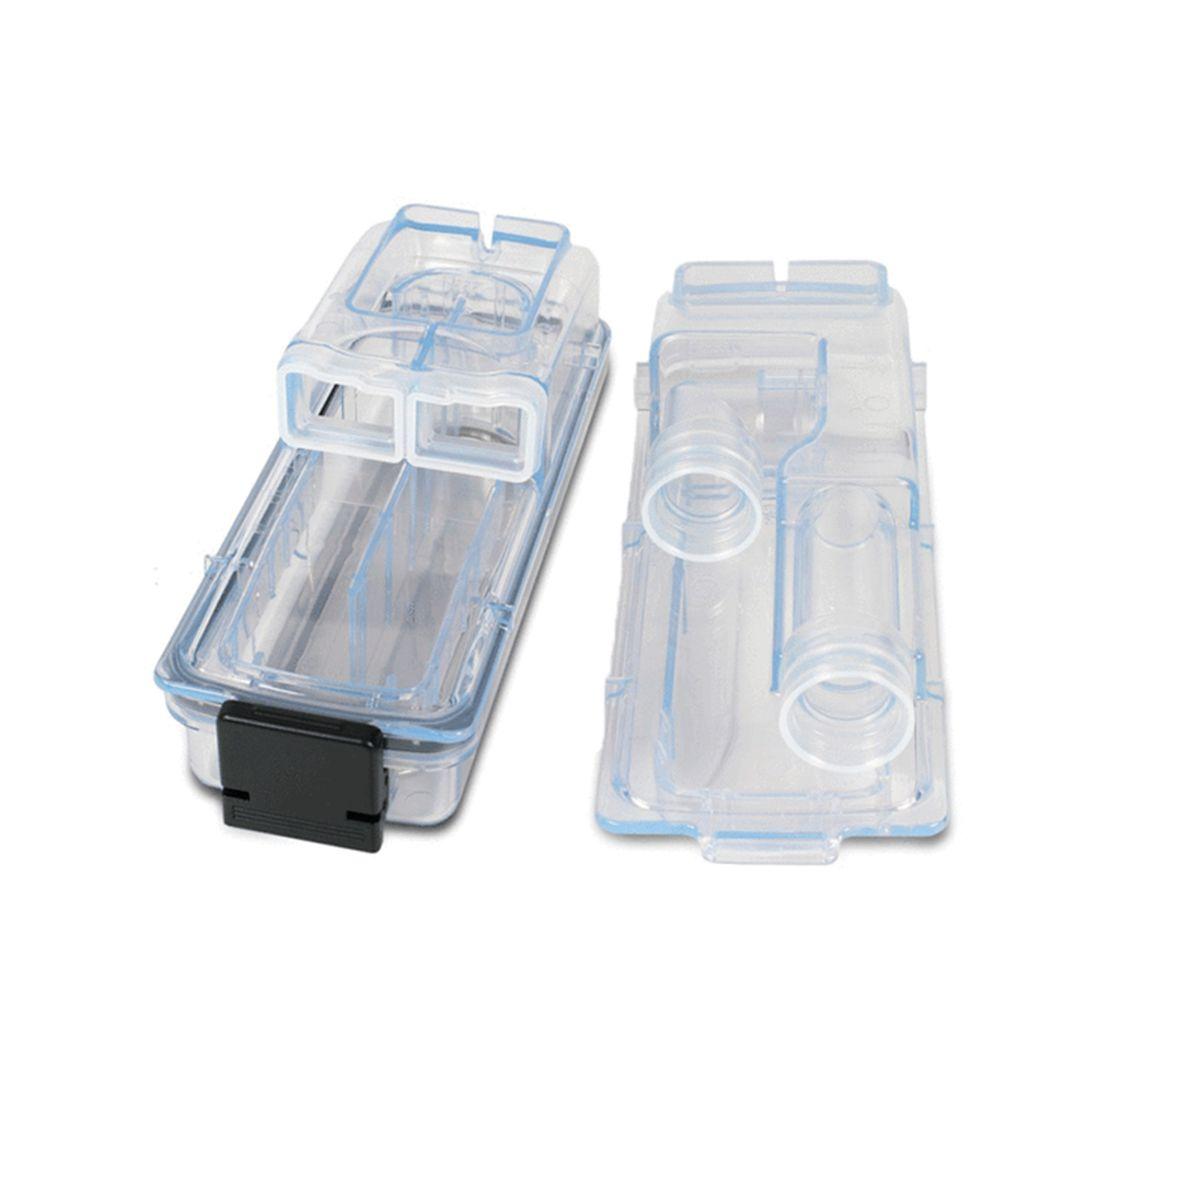 Reservatório de água Umidificador REMstar M-Series - Philips Respironics